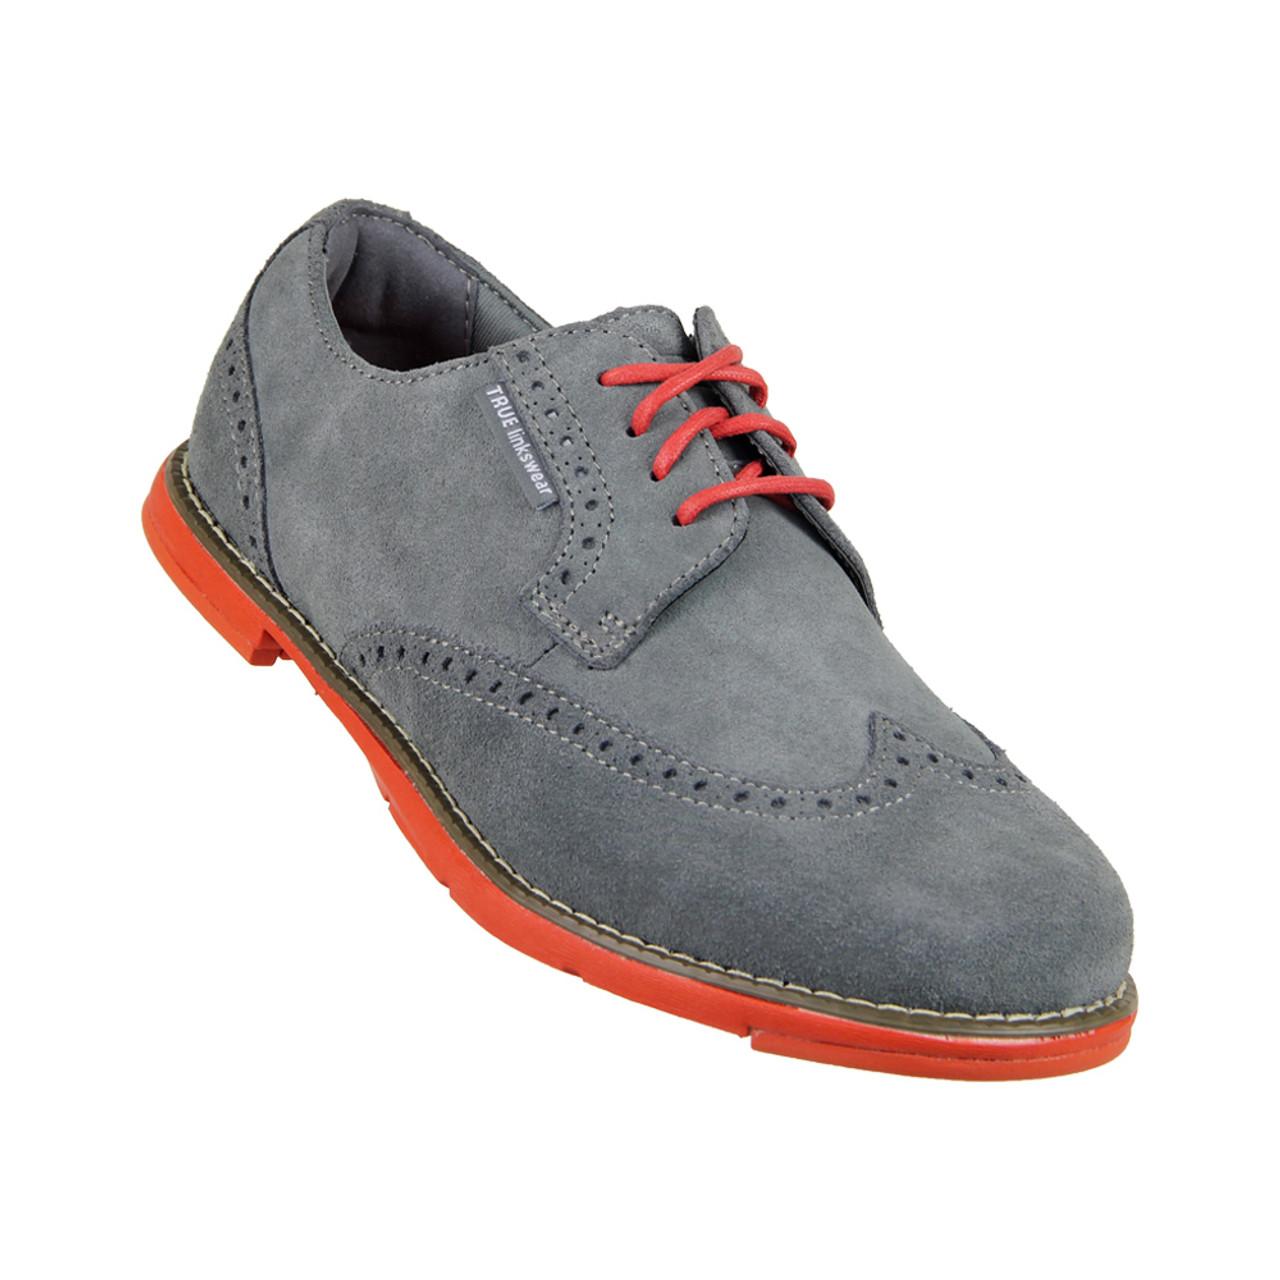 True Linkswear Dame Women s Golf Shoes - Charcoal   Salmon 988f24e68